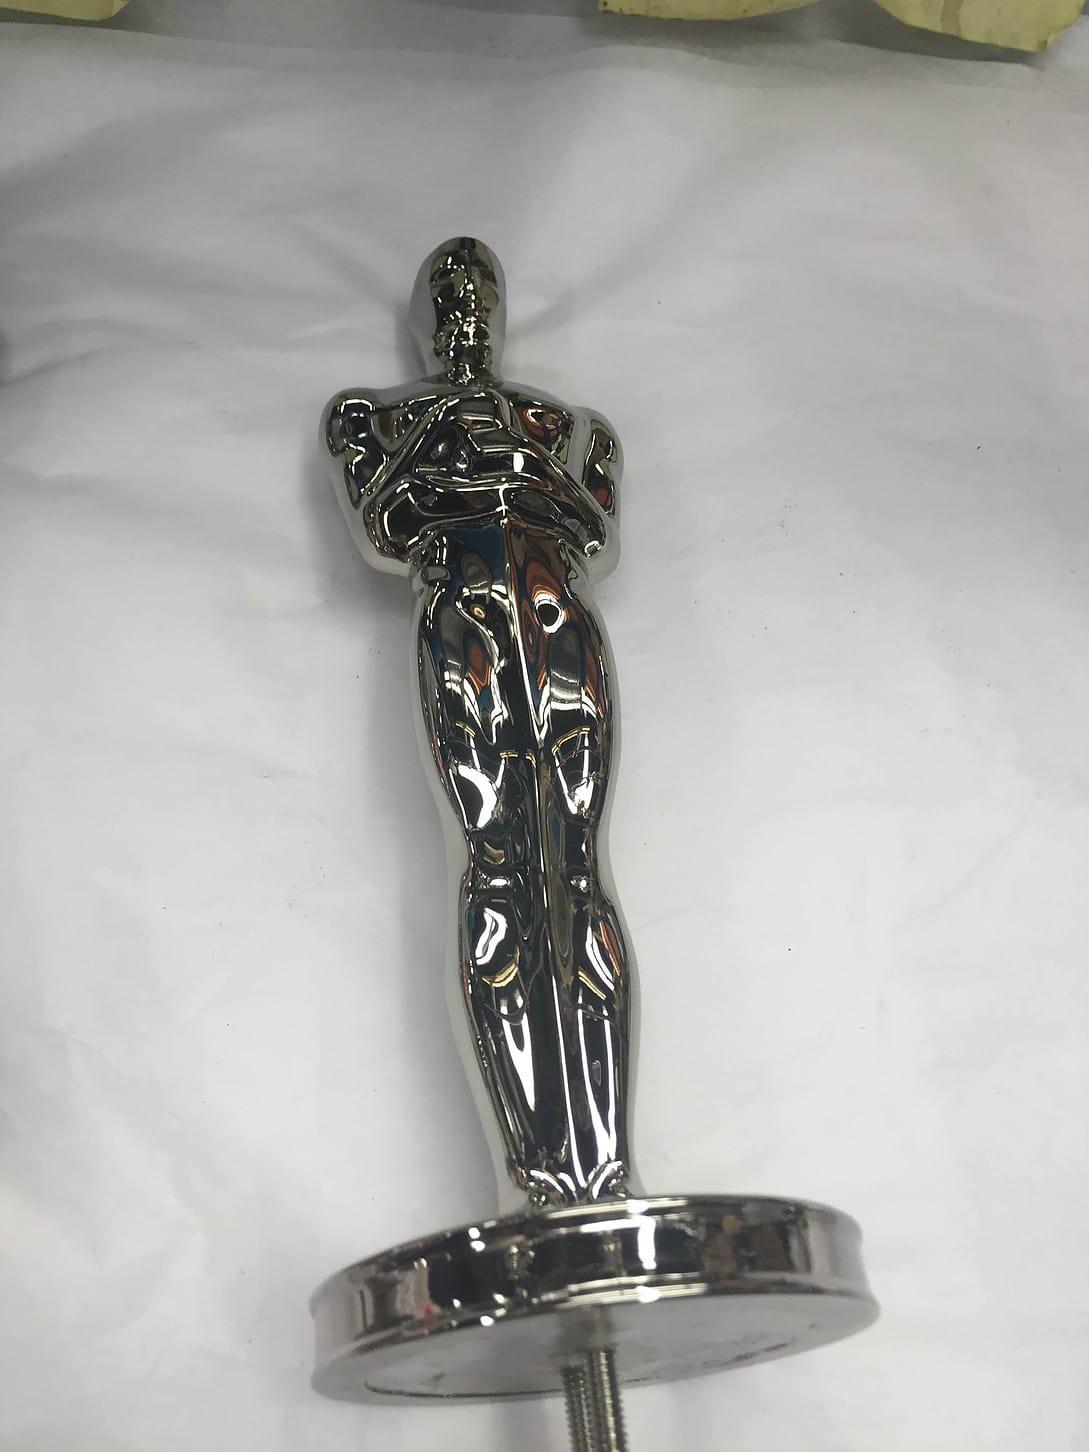 Metal plated oscar award nickel